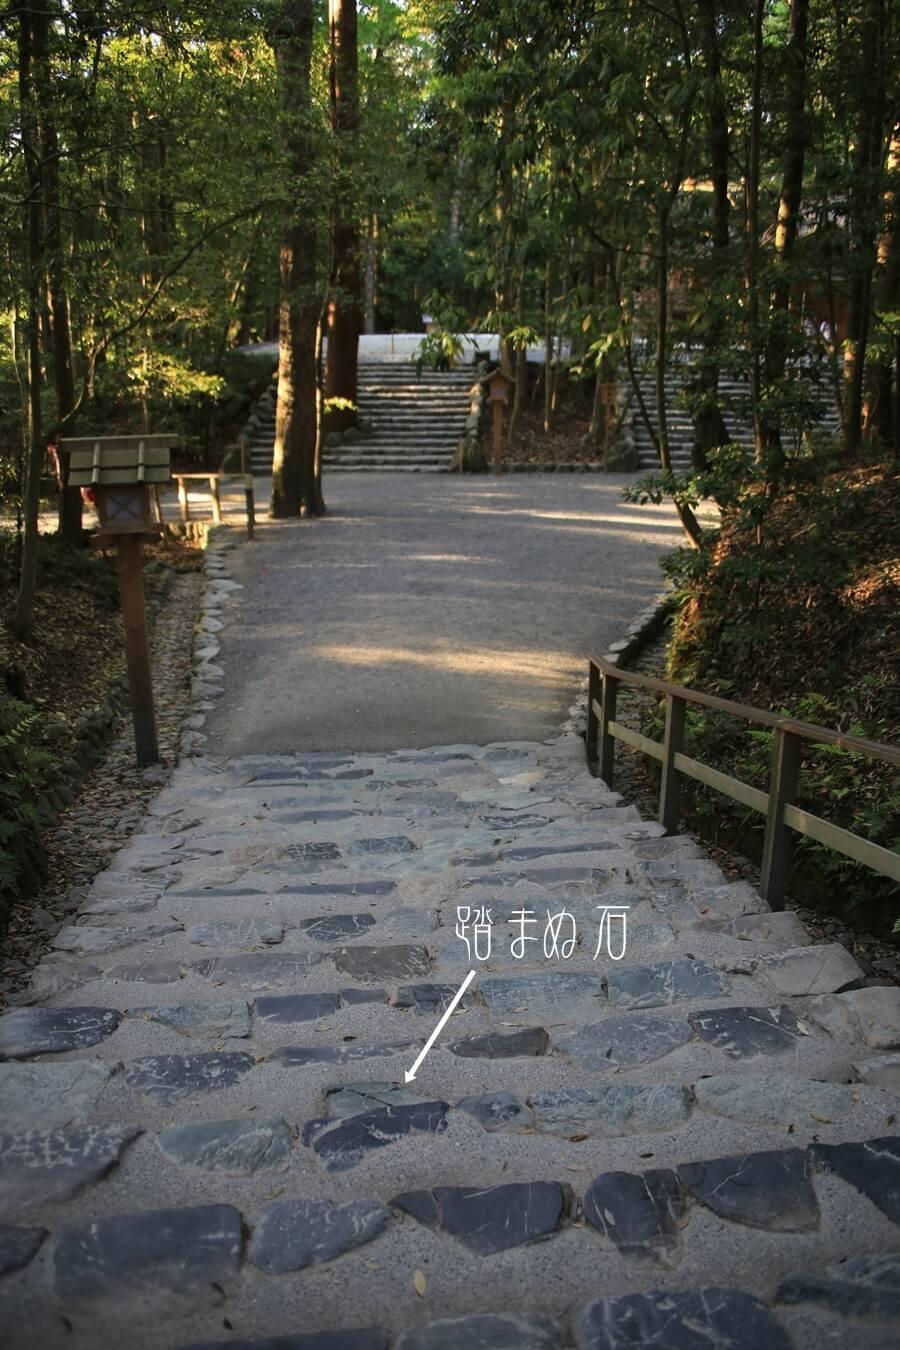 伊勢神宮 内宮 踏まぬ石 isejingu_naigu_fumanuishi (4)